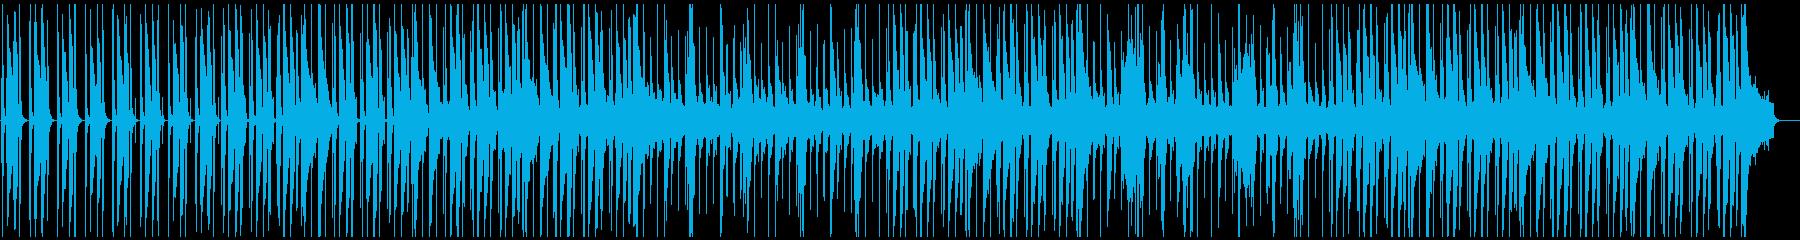 ジャジーなイージーリスニングの再生済みの波形